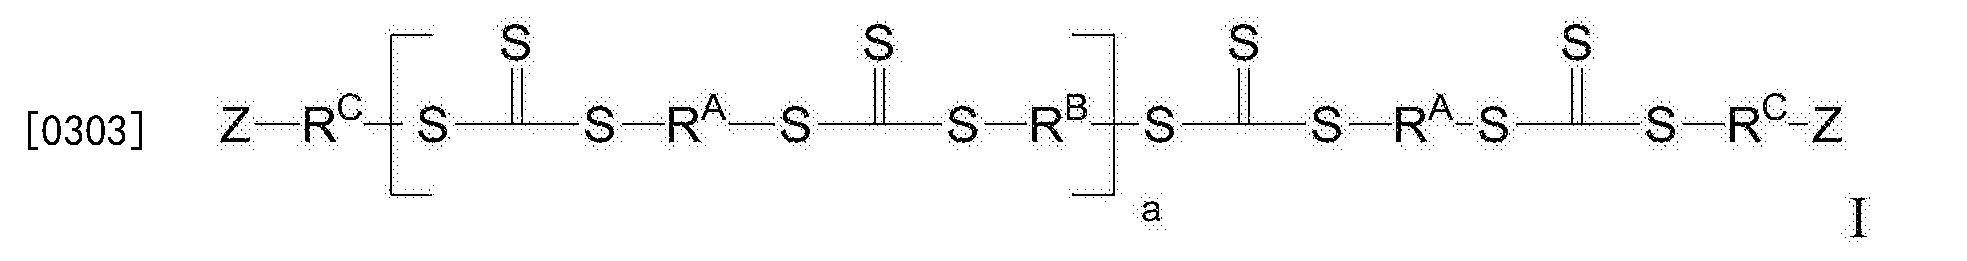 Figure CN105555855BD00331